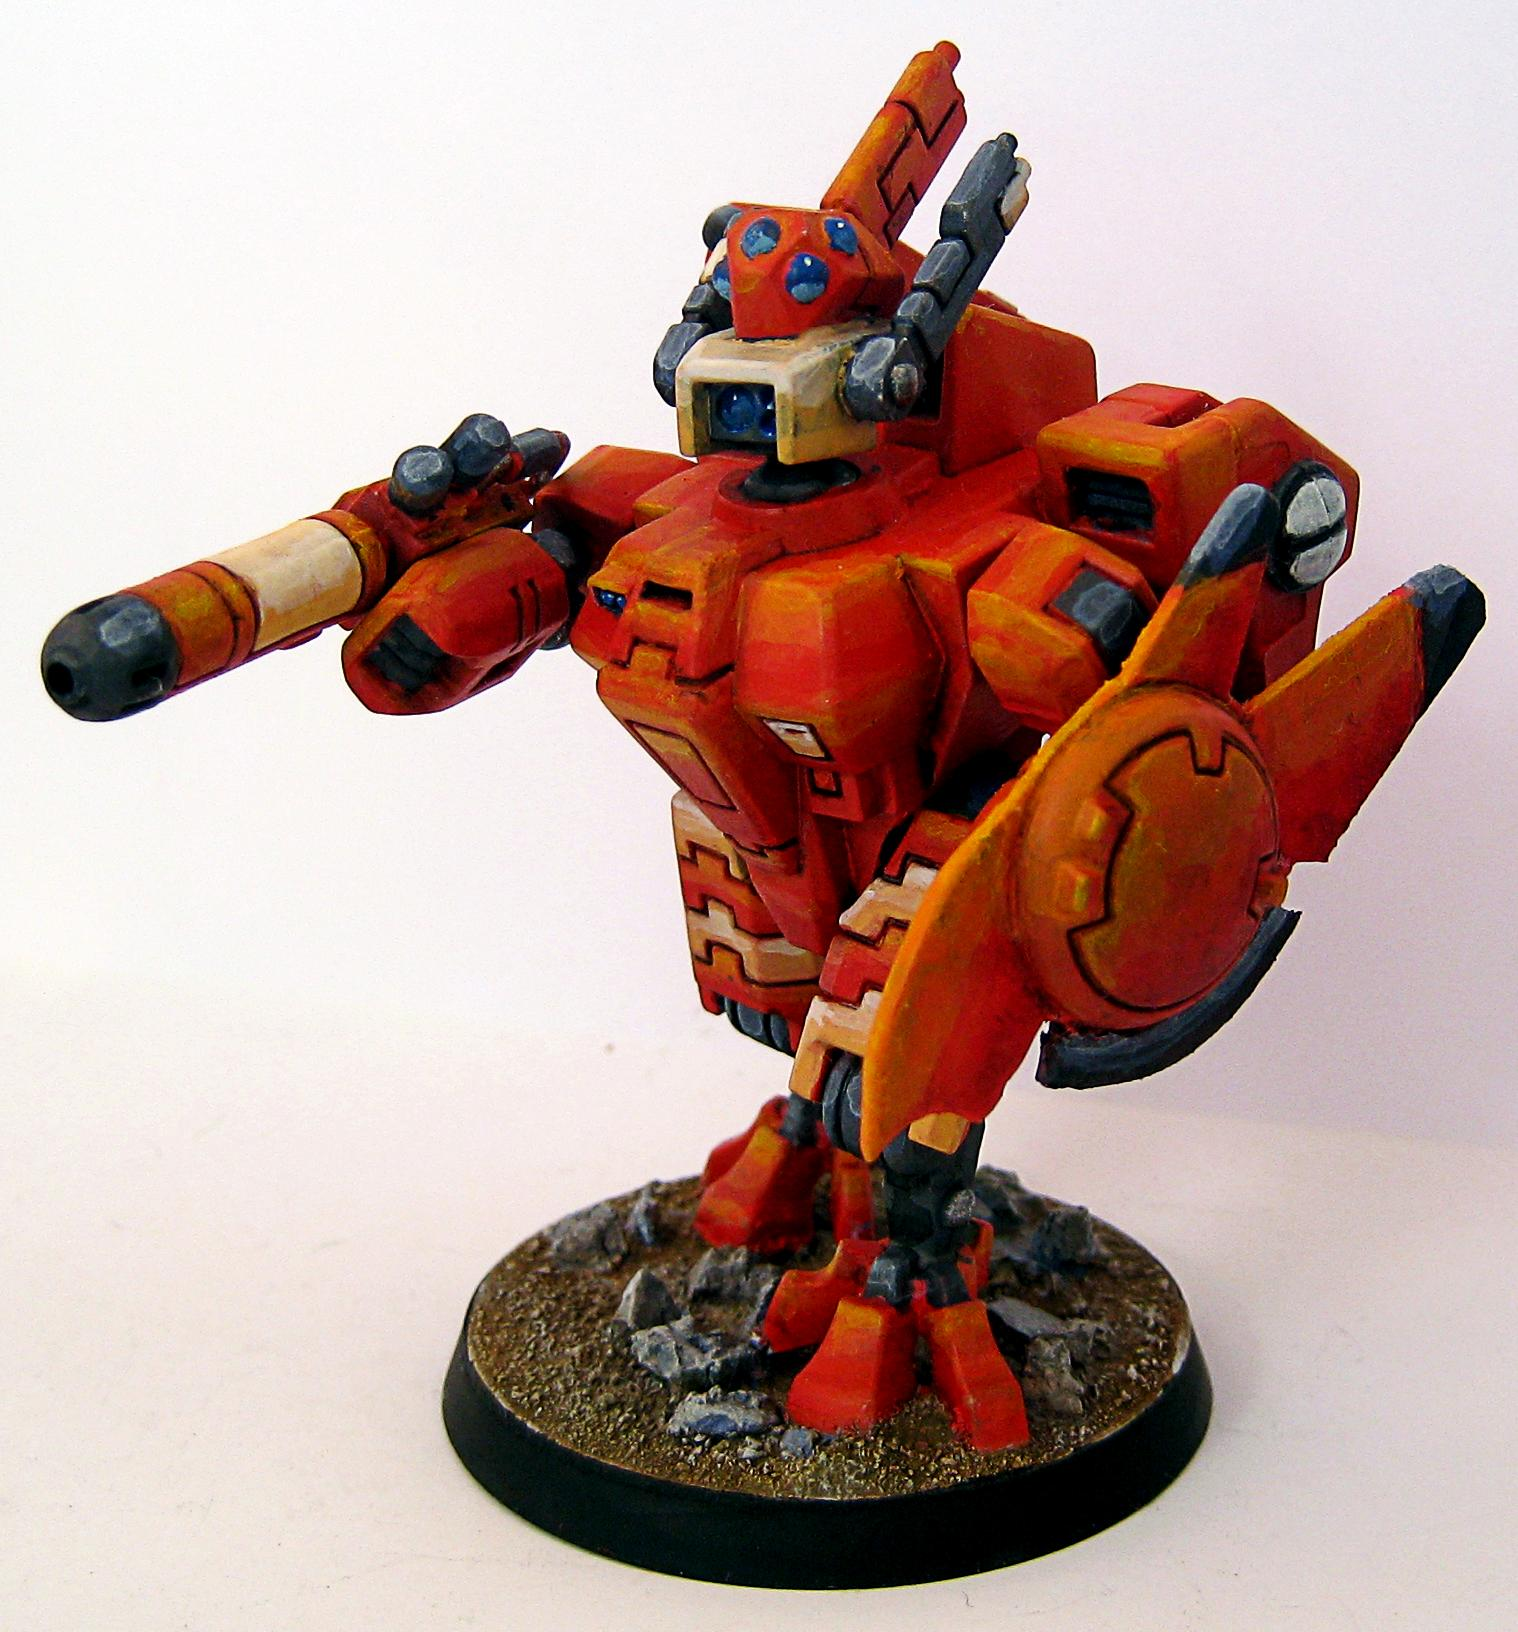 40k. Tau, Army, Battle, Crisis Battlesuit, Suit, Tau, Warhammer 40,000, Warhammer 40k. Tau Empire